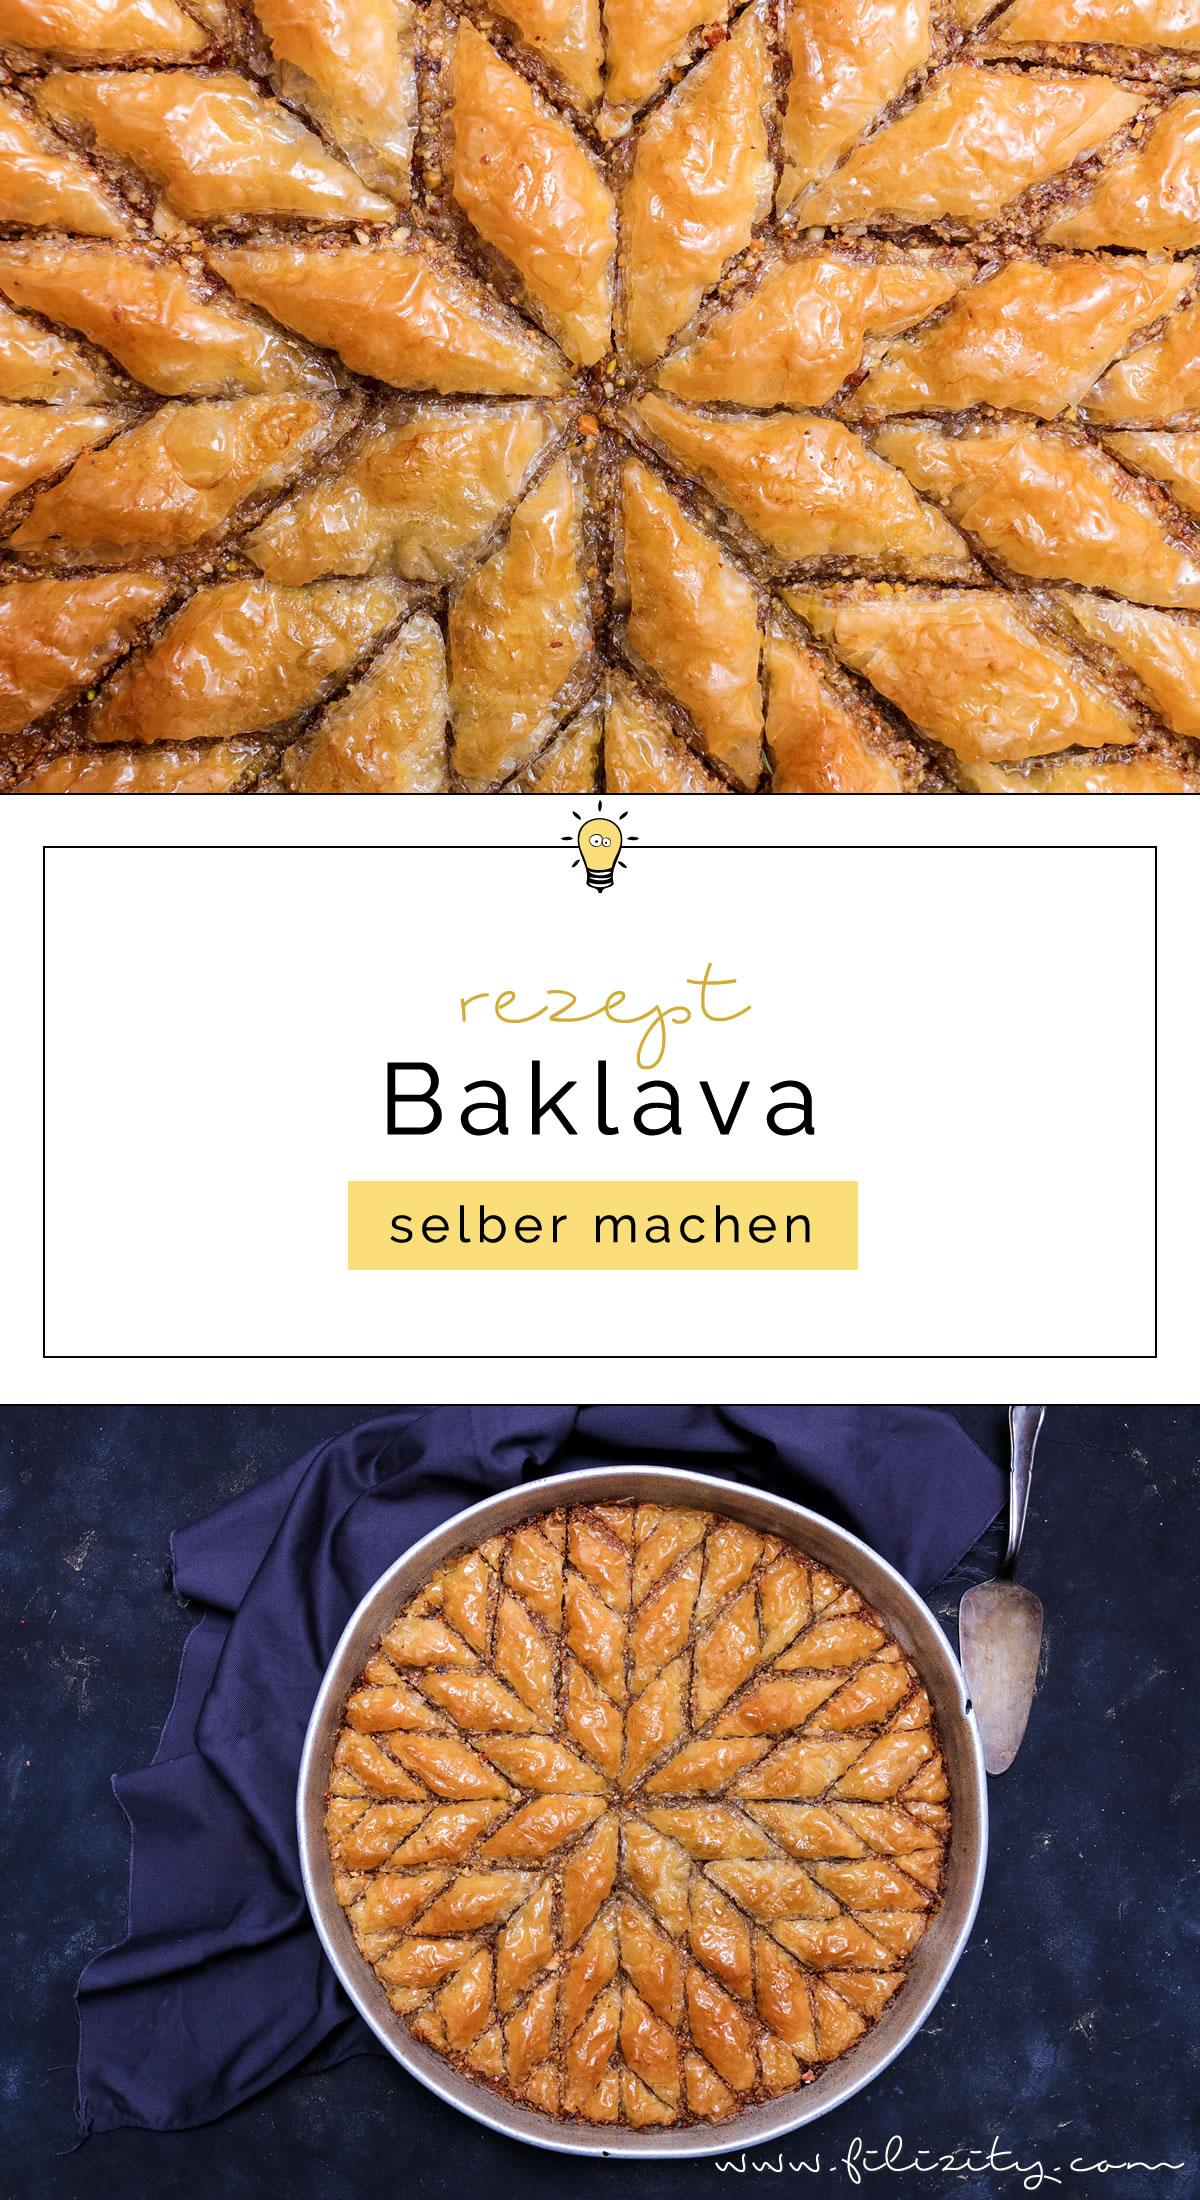 Orientalische Süßspeise: Baklava selber machen | Blätterteig-Gebäck in Zuckersirup | Filizity.com | Food-Blog aus dem Rheinland #baklava #dessert #orientalisch